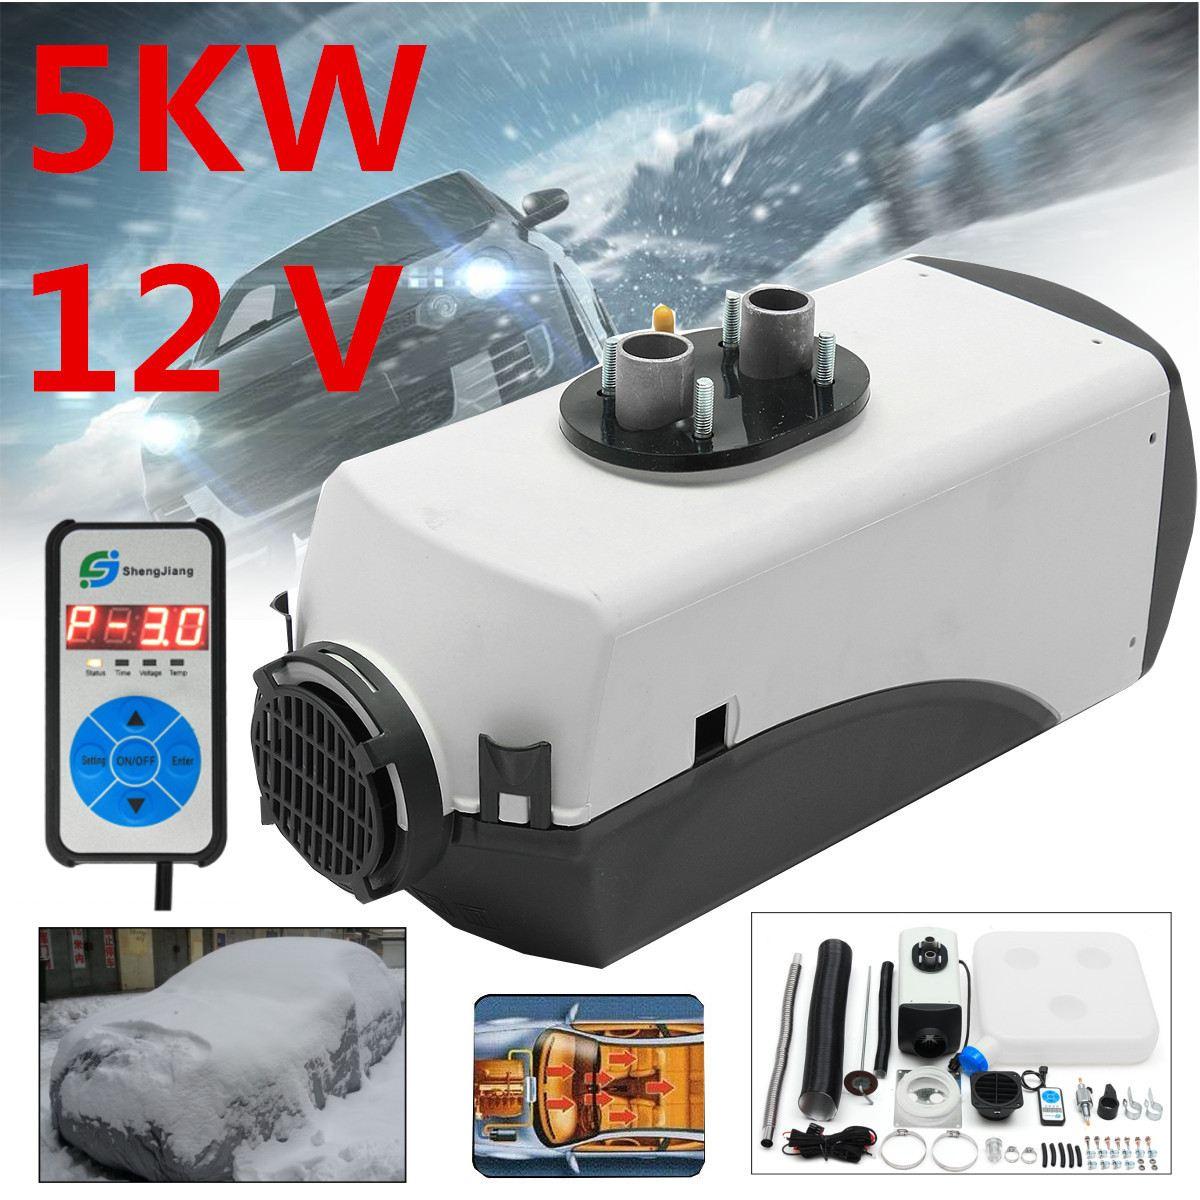 12 В 5000 Вт Air дизель-нагреватель 5 кВт для грузовых автомобилей, мотор-дома, лодки, автобус Горячие цифровой коммутатор автомобильного обогрев...